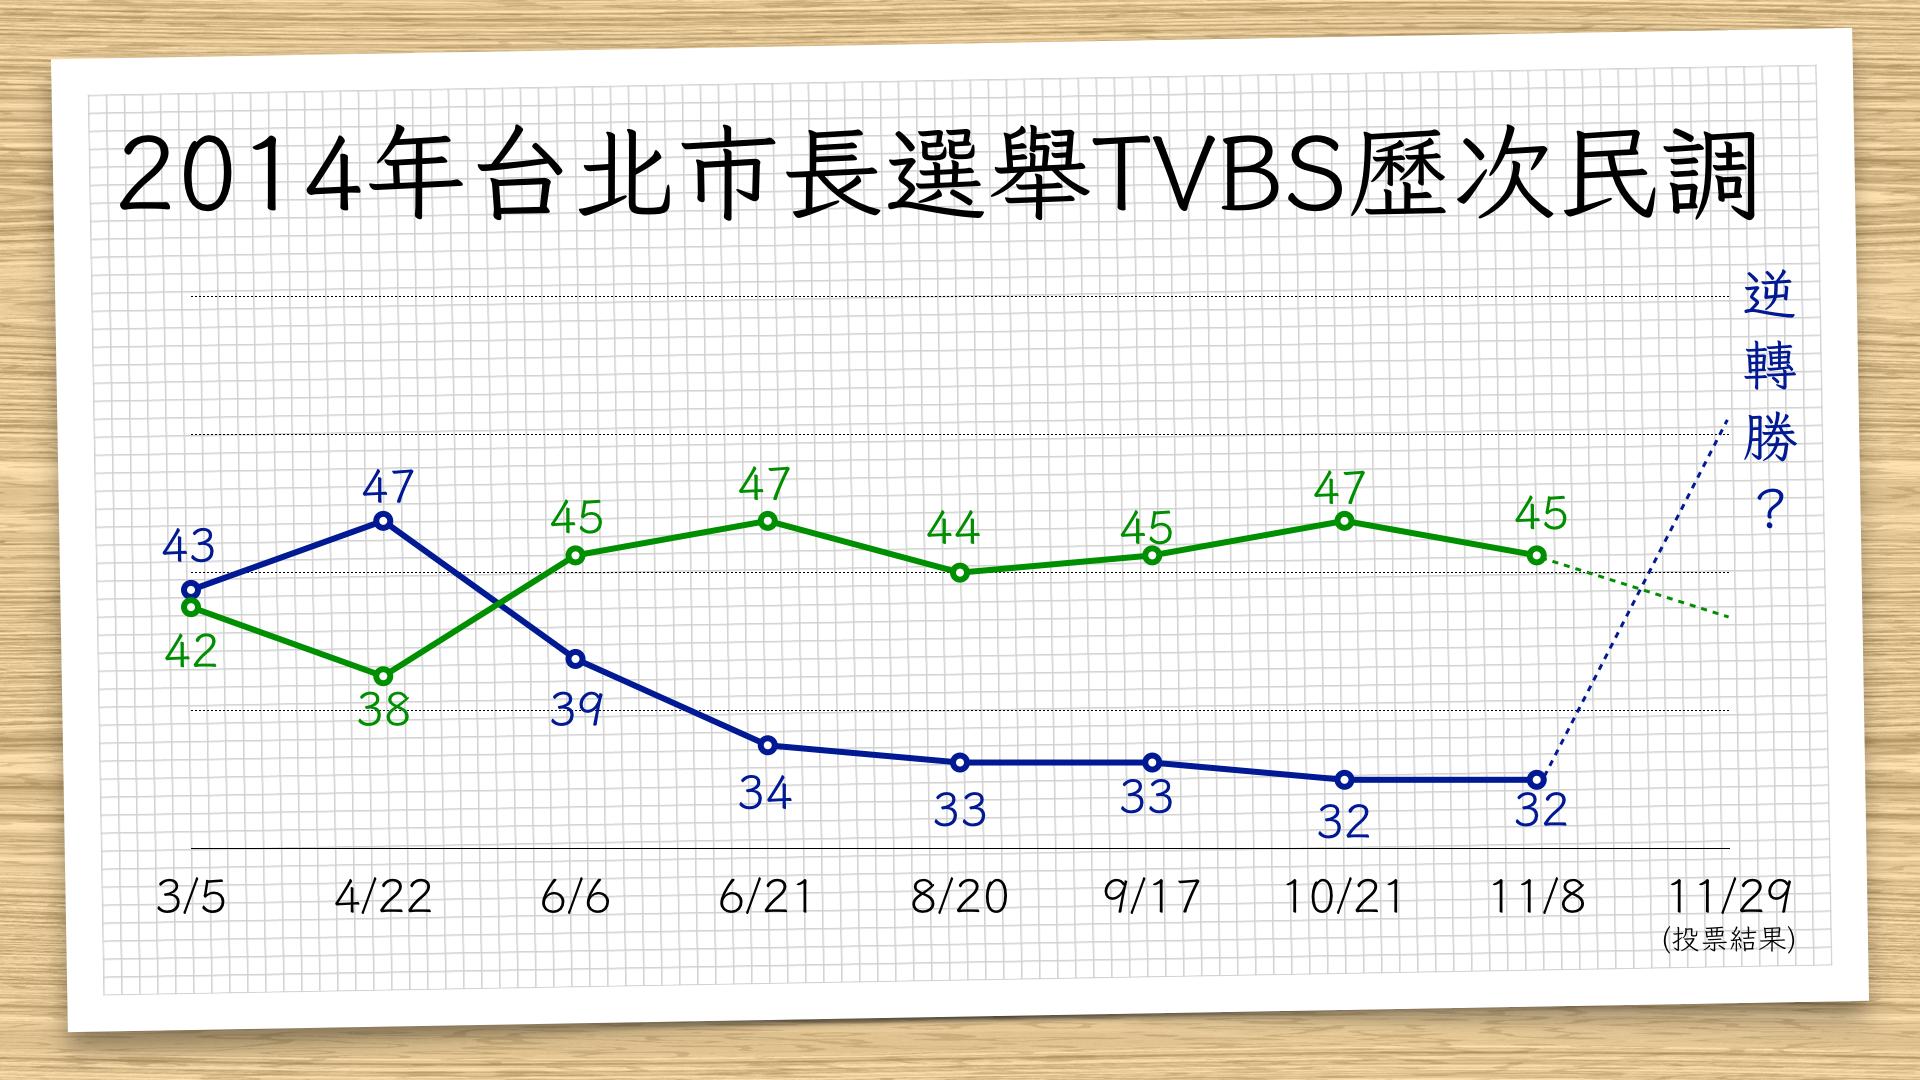 2014年台北市長選舉TVBS歷次民調